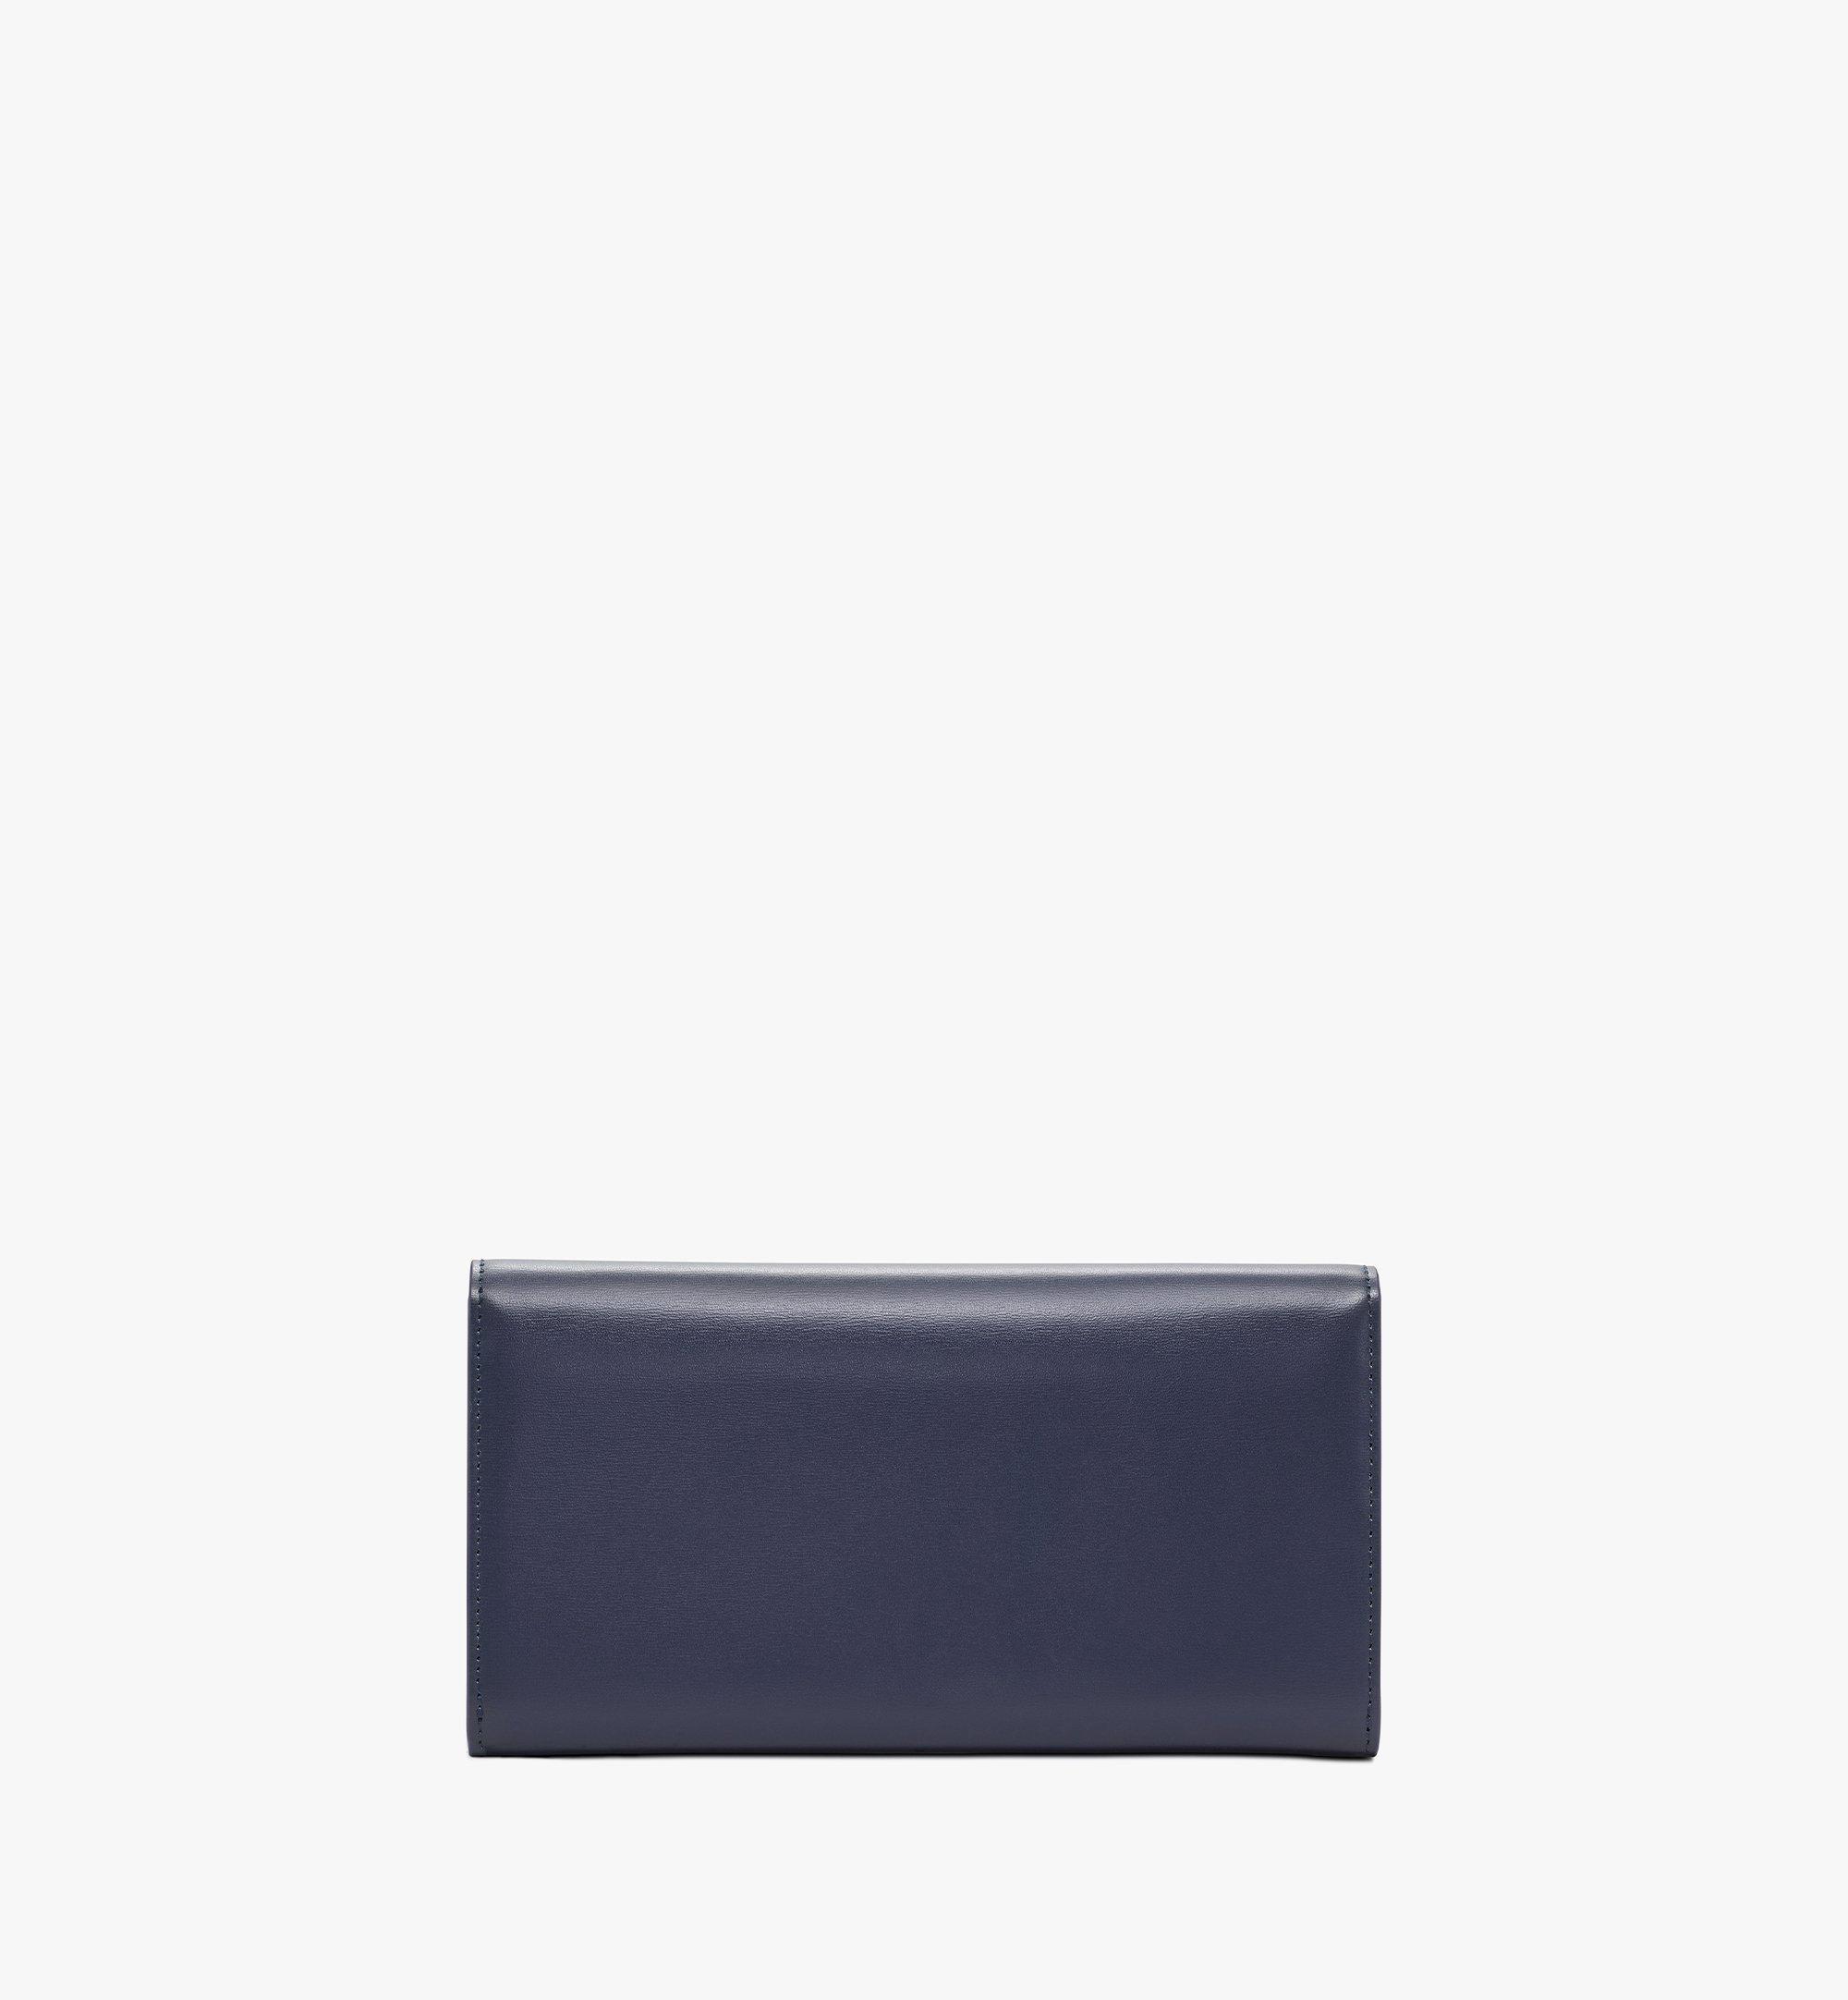 MCM Mena Crossbody Wallet in Embossed Leather Blue MYLBSLM01VZ001 Alternate View 2